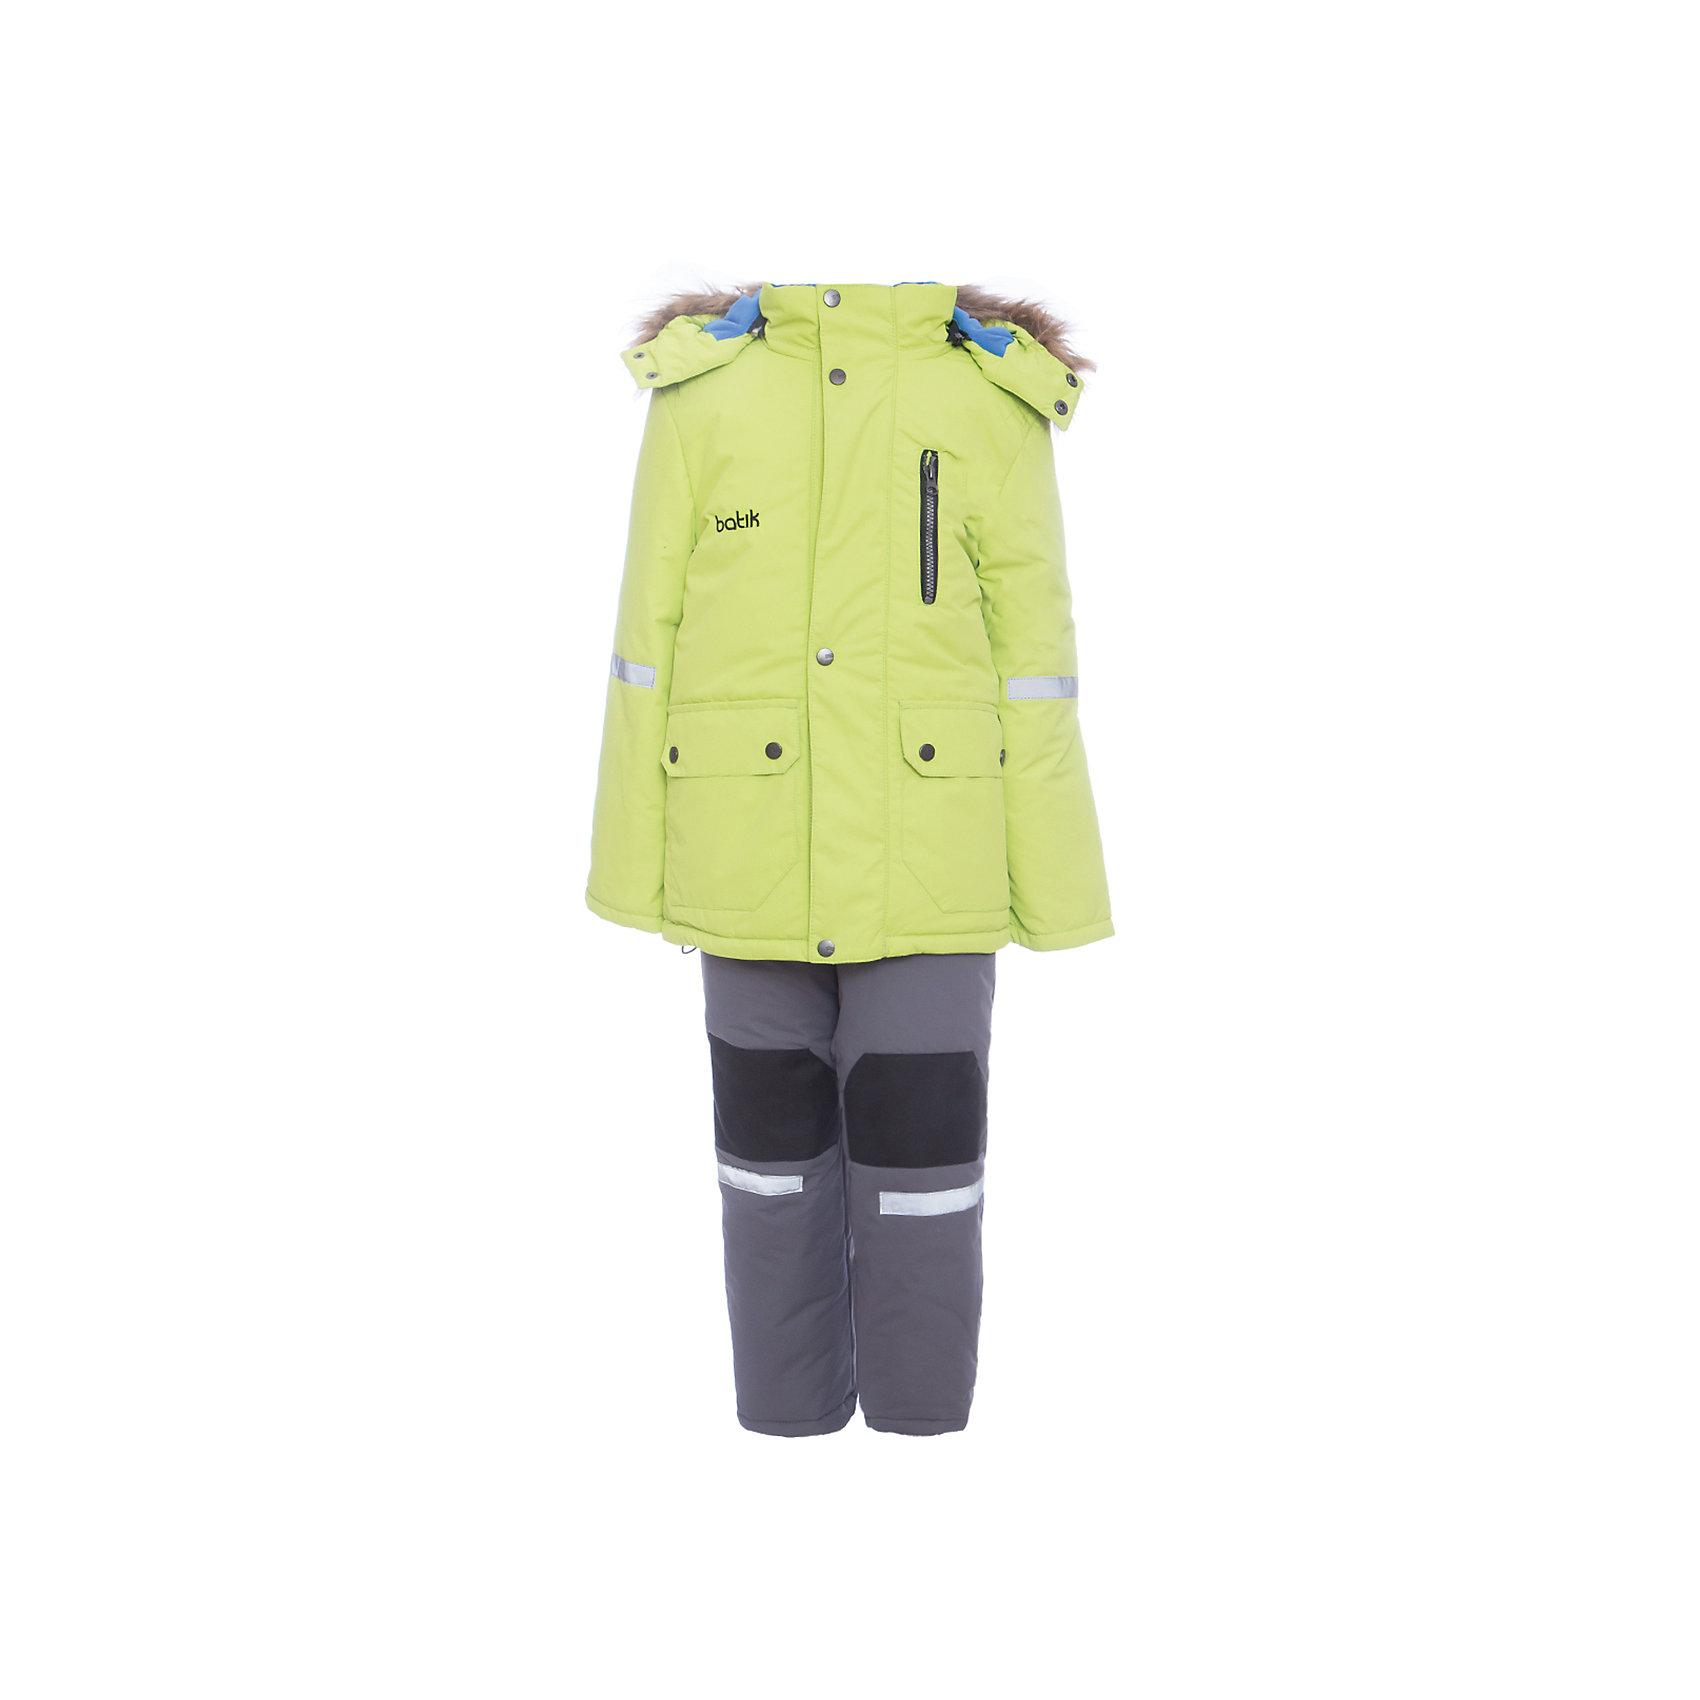 Комплект: куртка и полукомбенизон Артур Batik для мальчикаВерхняя одежда<br>Характеристики товара:<br><br>• цвет: салатовый<br>• комплектация: куртка и полукомбинезон <br>• состав ткани: таслан<br>• подкладка: поларфлис<br>• утеплитель: шелтер<br>• сезон: зима<br>• мембранное покрытие<br>• температурный режим: от -35 до 0<br>• водонепроницаемость: 5000 мм <br>• паропроницаемость: 5000 г/м2<br>• плотность утеплителя: куртка - 350 г/м2, полукомбинезон - 200 г/м2<br>• застежка: молния<br>• капюшон: с мехом, отстегивается<br>• встроенный термодатчик<br>• износостойкие вставки на брюках<br>• страна бренда: Россия<br>• страна изготовитель: Россия<br><br>Этот детский комплект для зимы будет долго служить благодаря износостойким вставкам на брюках. Зимний комплект для ребенка отличается стильным дизайном. Непромокаемый и непродуваемый детский комплект дополнен термодатчиком и отворотами, с помощью которых можно увеличить размер. Зимний мембранный комплект для мальчика легко чистится.<br><br>Комплект: куртка и полукомбинезон Артур Batik (Батик) для мальчика можно купить в нашем интернет-магазине.<br><br>Ширина мм: 356<br>Глубина мм: 10<br>Высота мм: 245<br>Вес г: 519<br>Цвет: зеленый<br>Возраст от месяцев: 72<br>Возраст до месяцев: 84<br>Пол: Мужской<br>Возраст: Детский<br>Размер: 122,80,86,92,98,104,110,116<br>SKU: 7027998